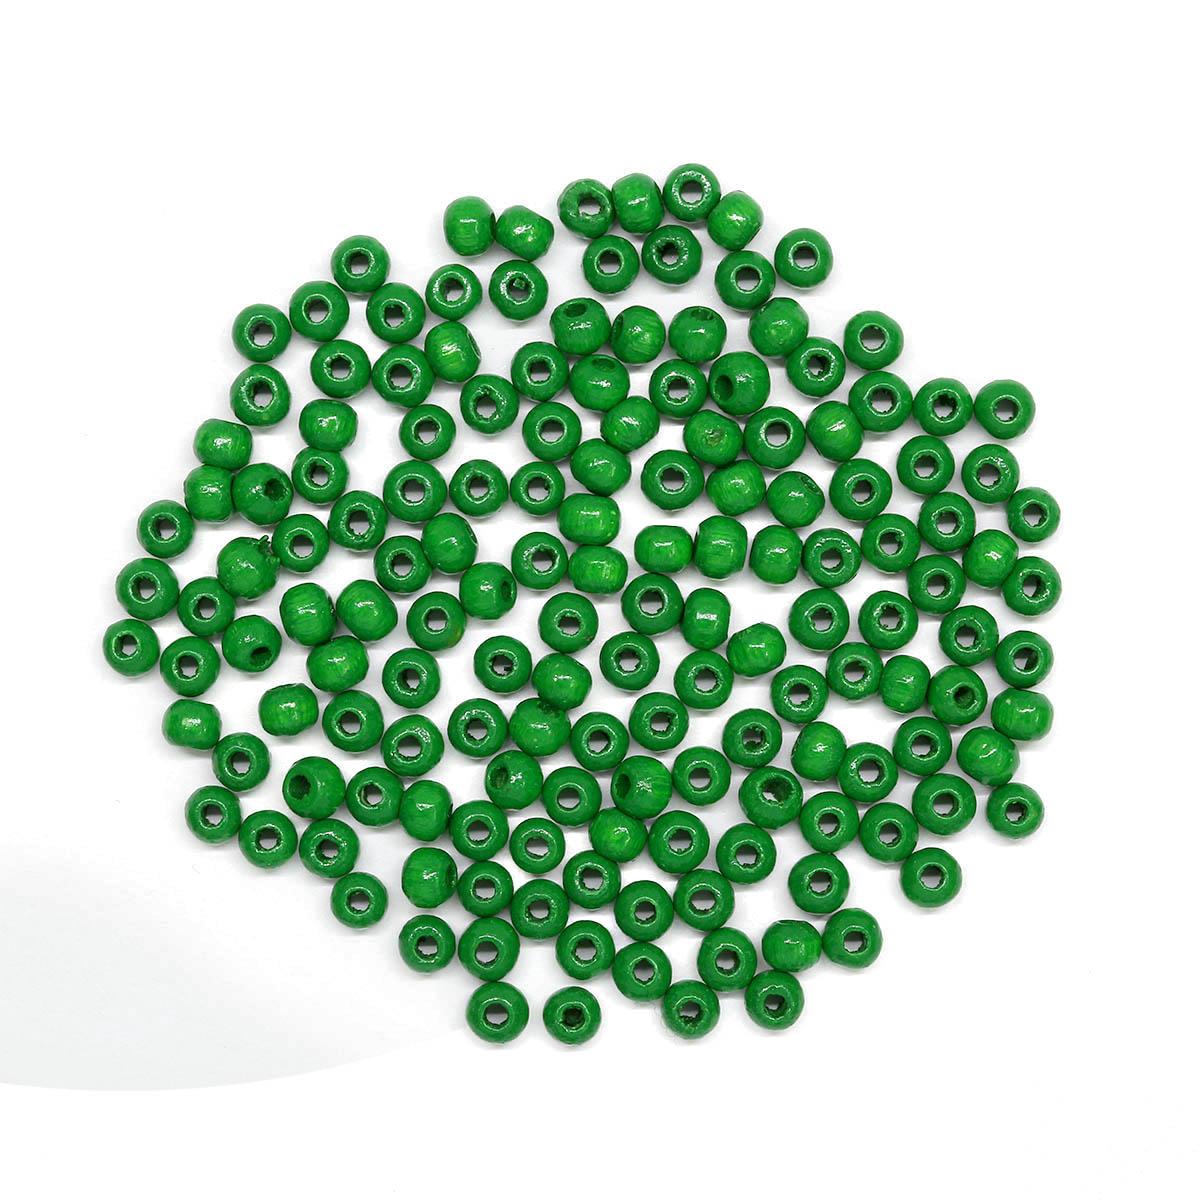 61651007 Бусины деревянные, зеленый, 4 мм, упак./155 шт., Glorex